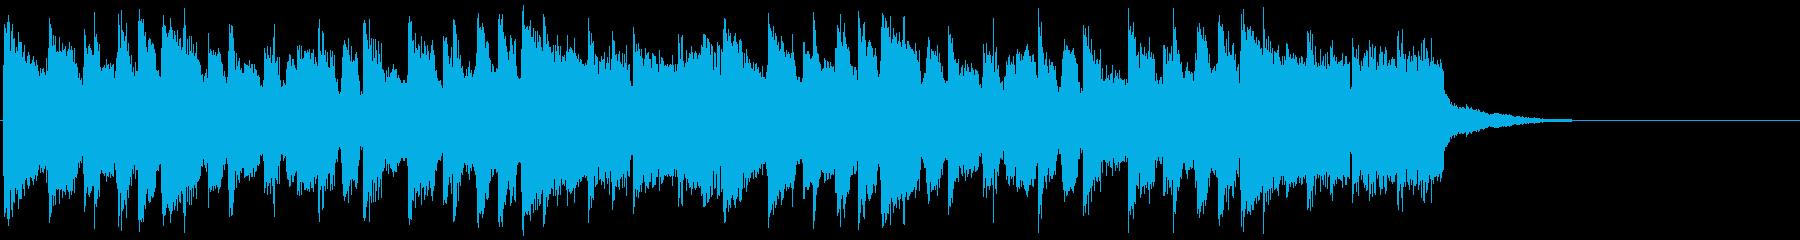 シティーポップ/ジングル01の再生済みの波形